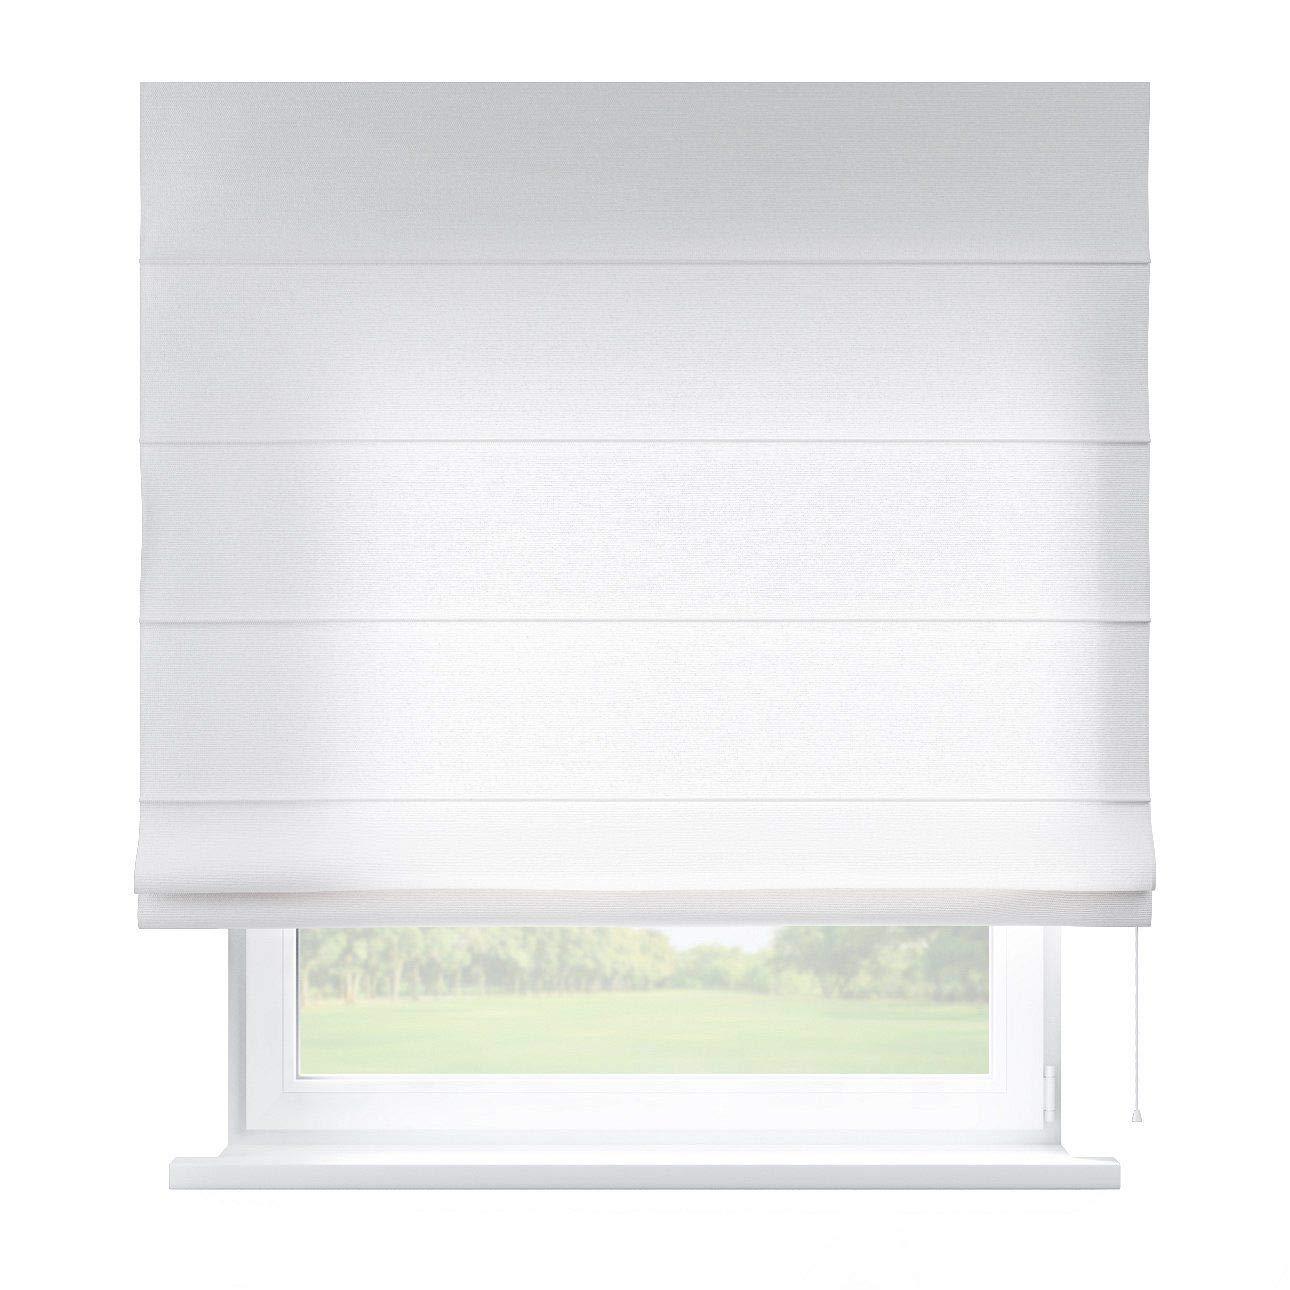 Dekoria Raffrollo Capri ohne Bohren Blickdicht Faltvorhang Raffgardine Wohnzimmer Schlafzimmer Kinderzimmer 100 × 170 cm weiß Raffrollos auf Maß maßanfertigung möglich